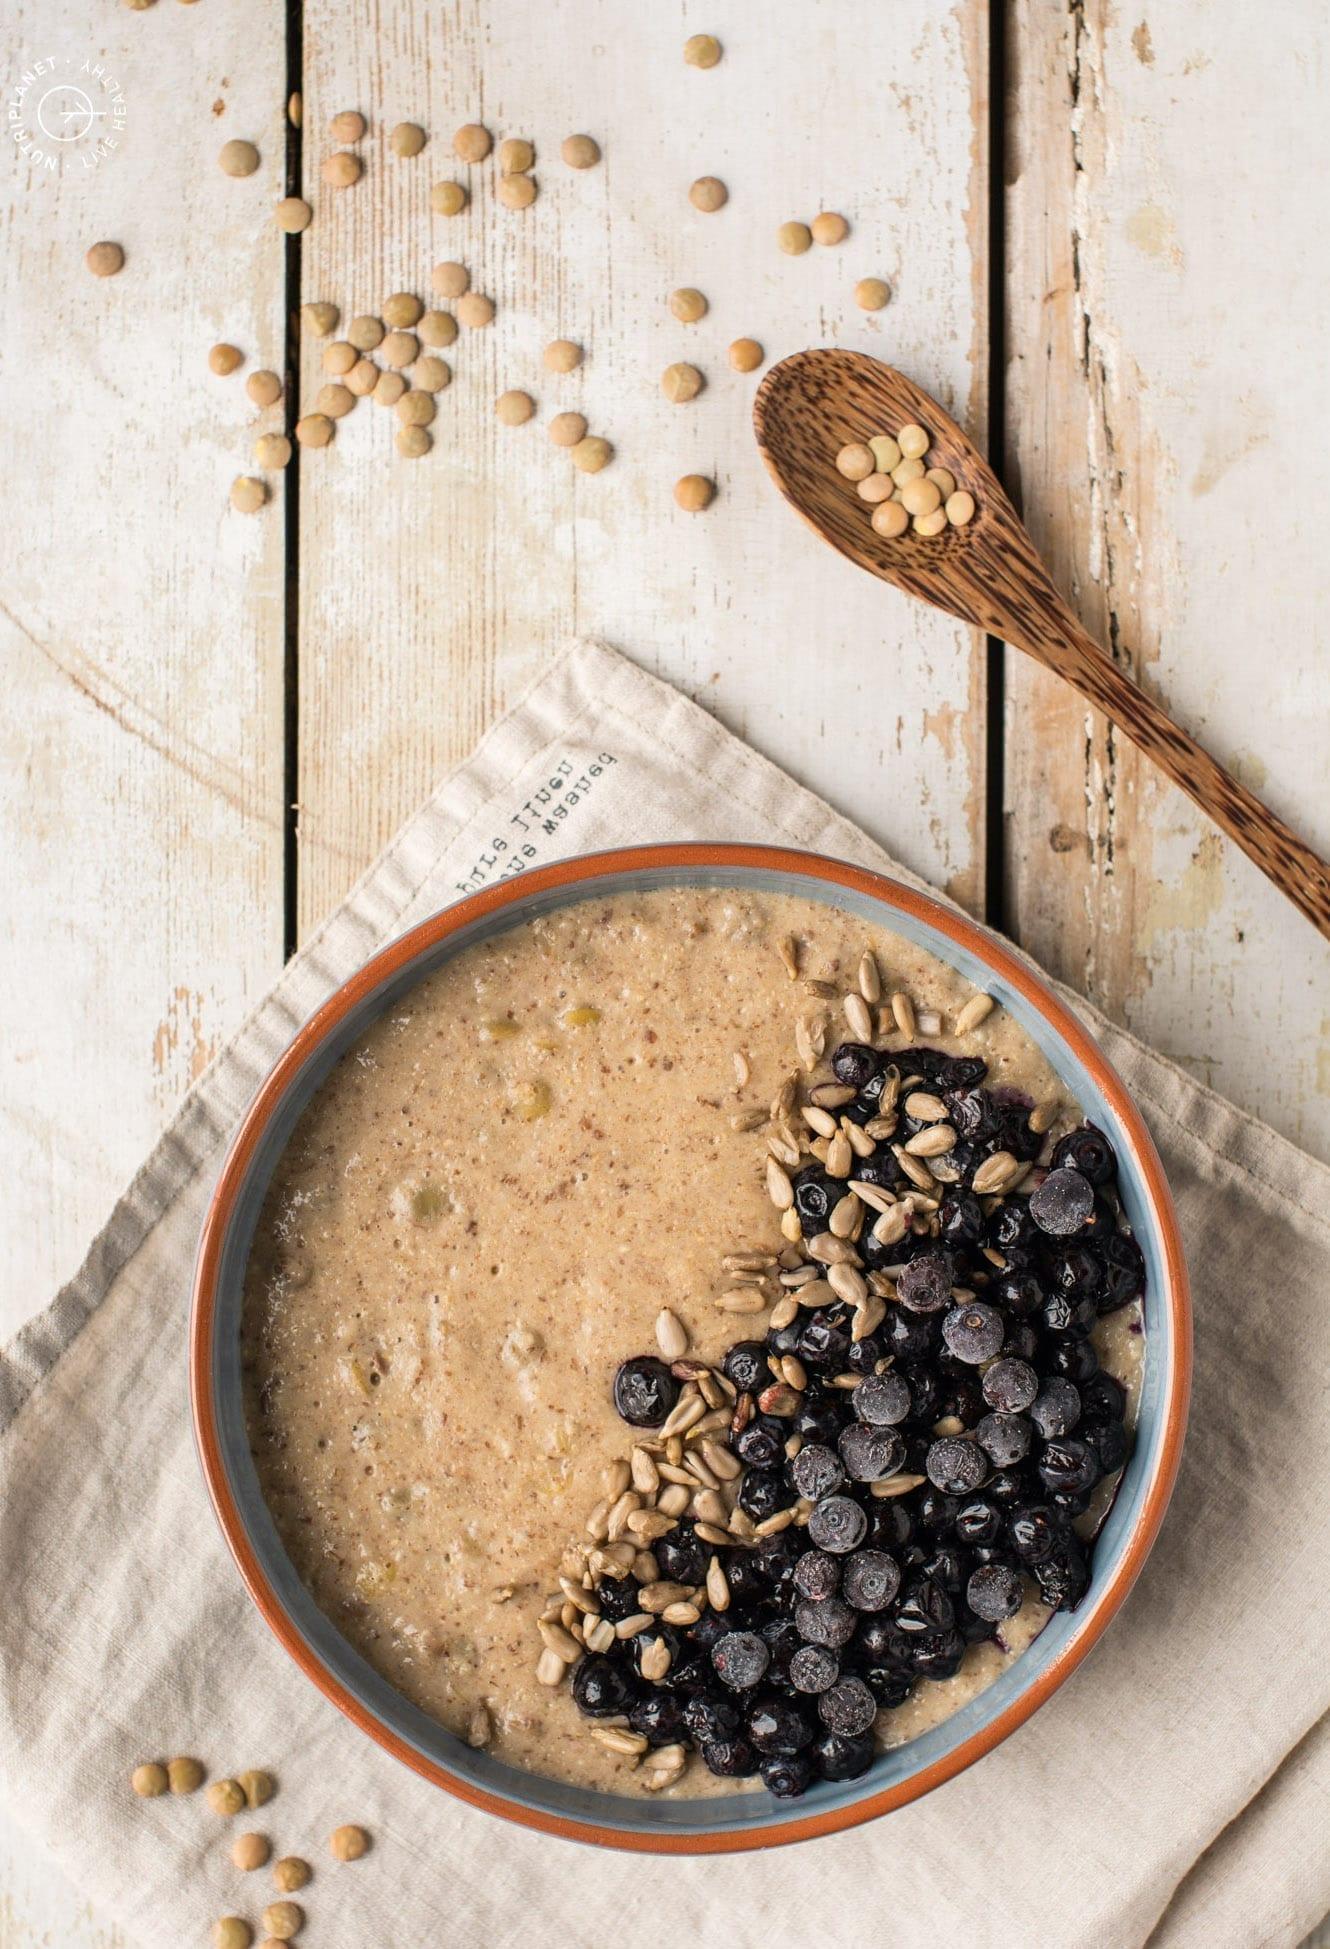 Low carb lentil oatmeal porridge